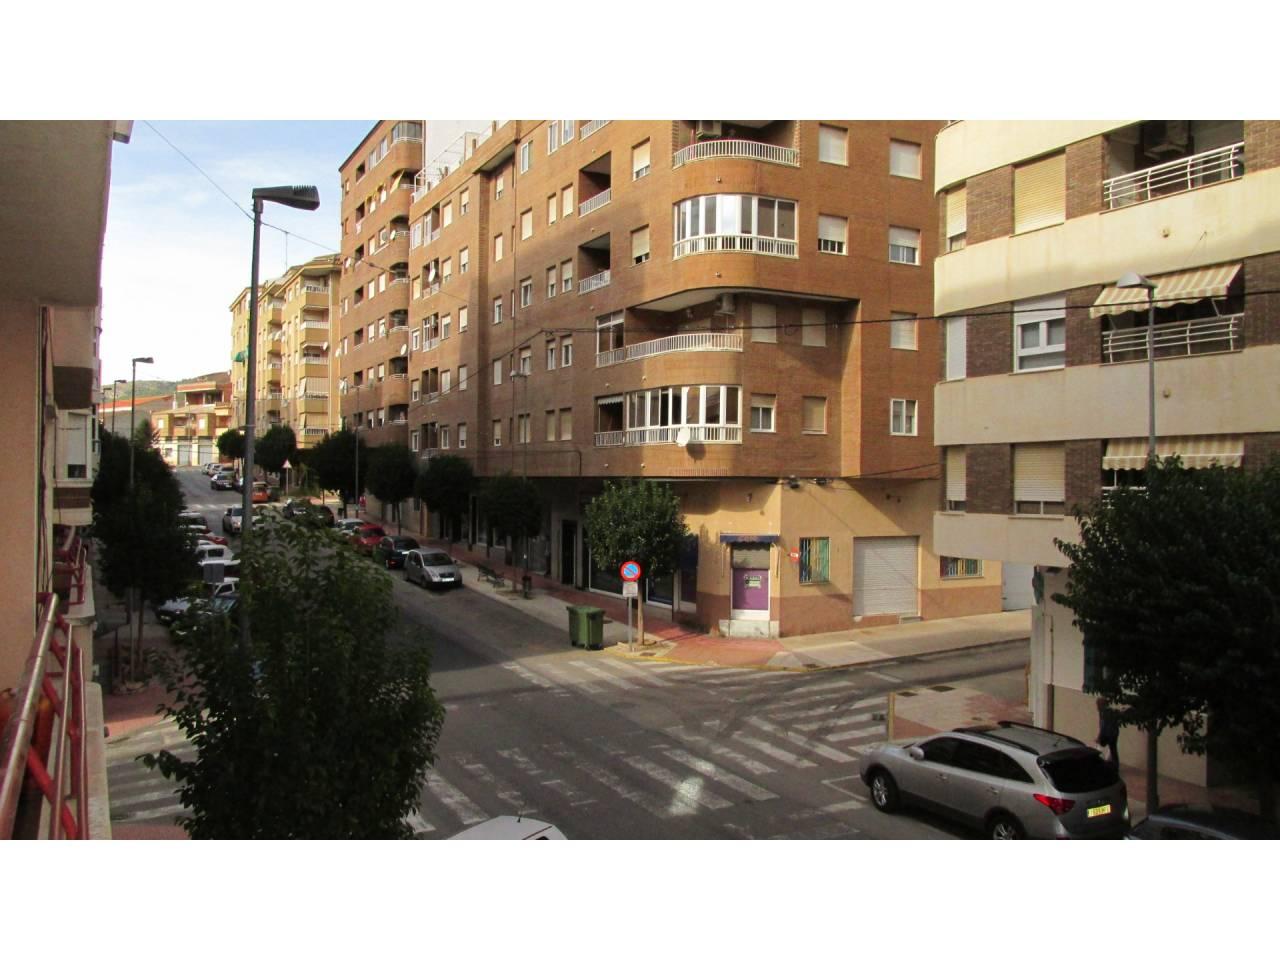 Alquiler Piso  Avenida de la paz. Situado en una de la principales avenidas de la localidad, con s